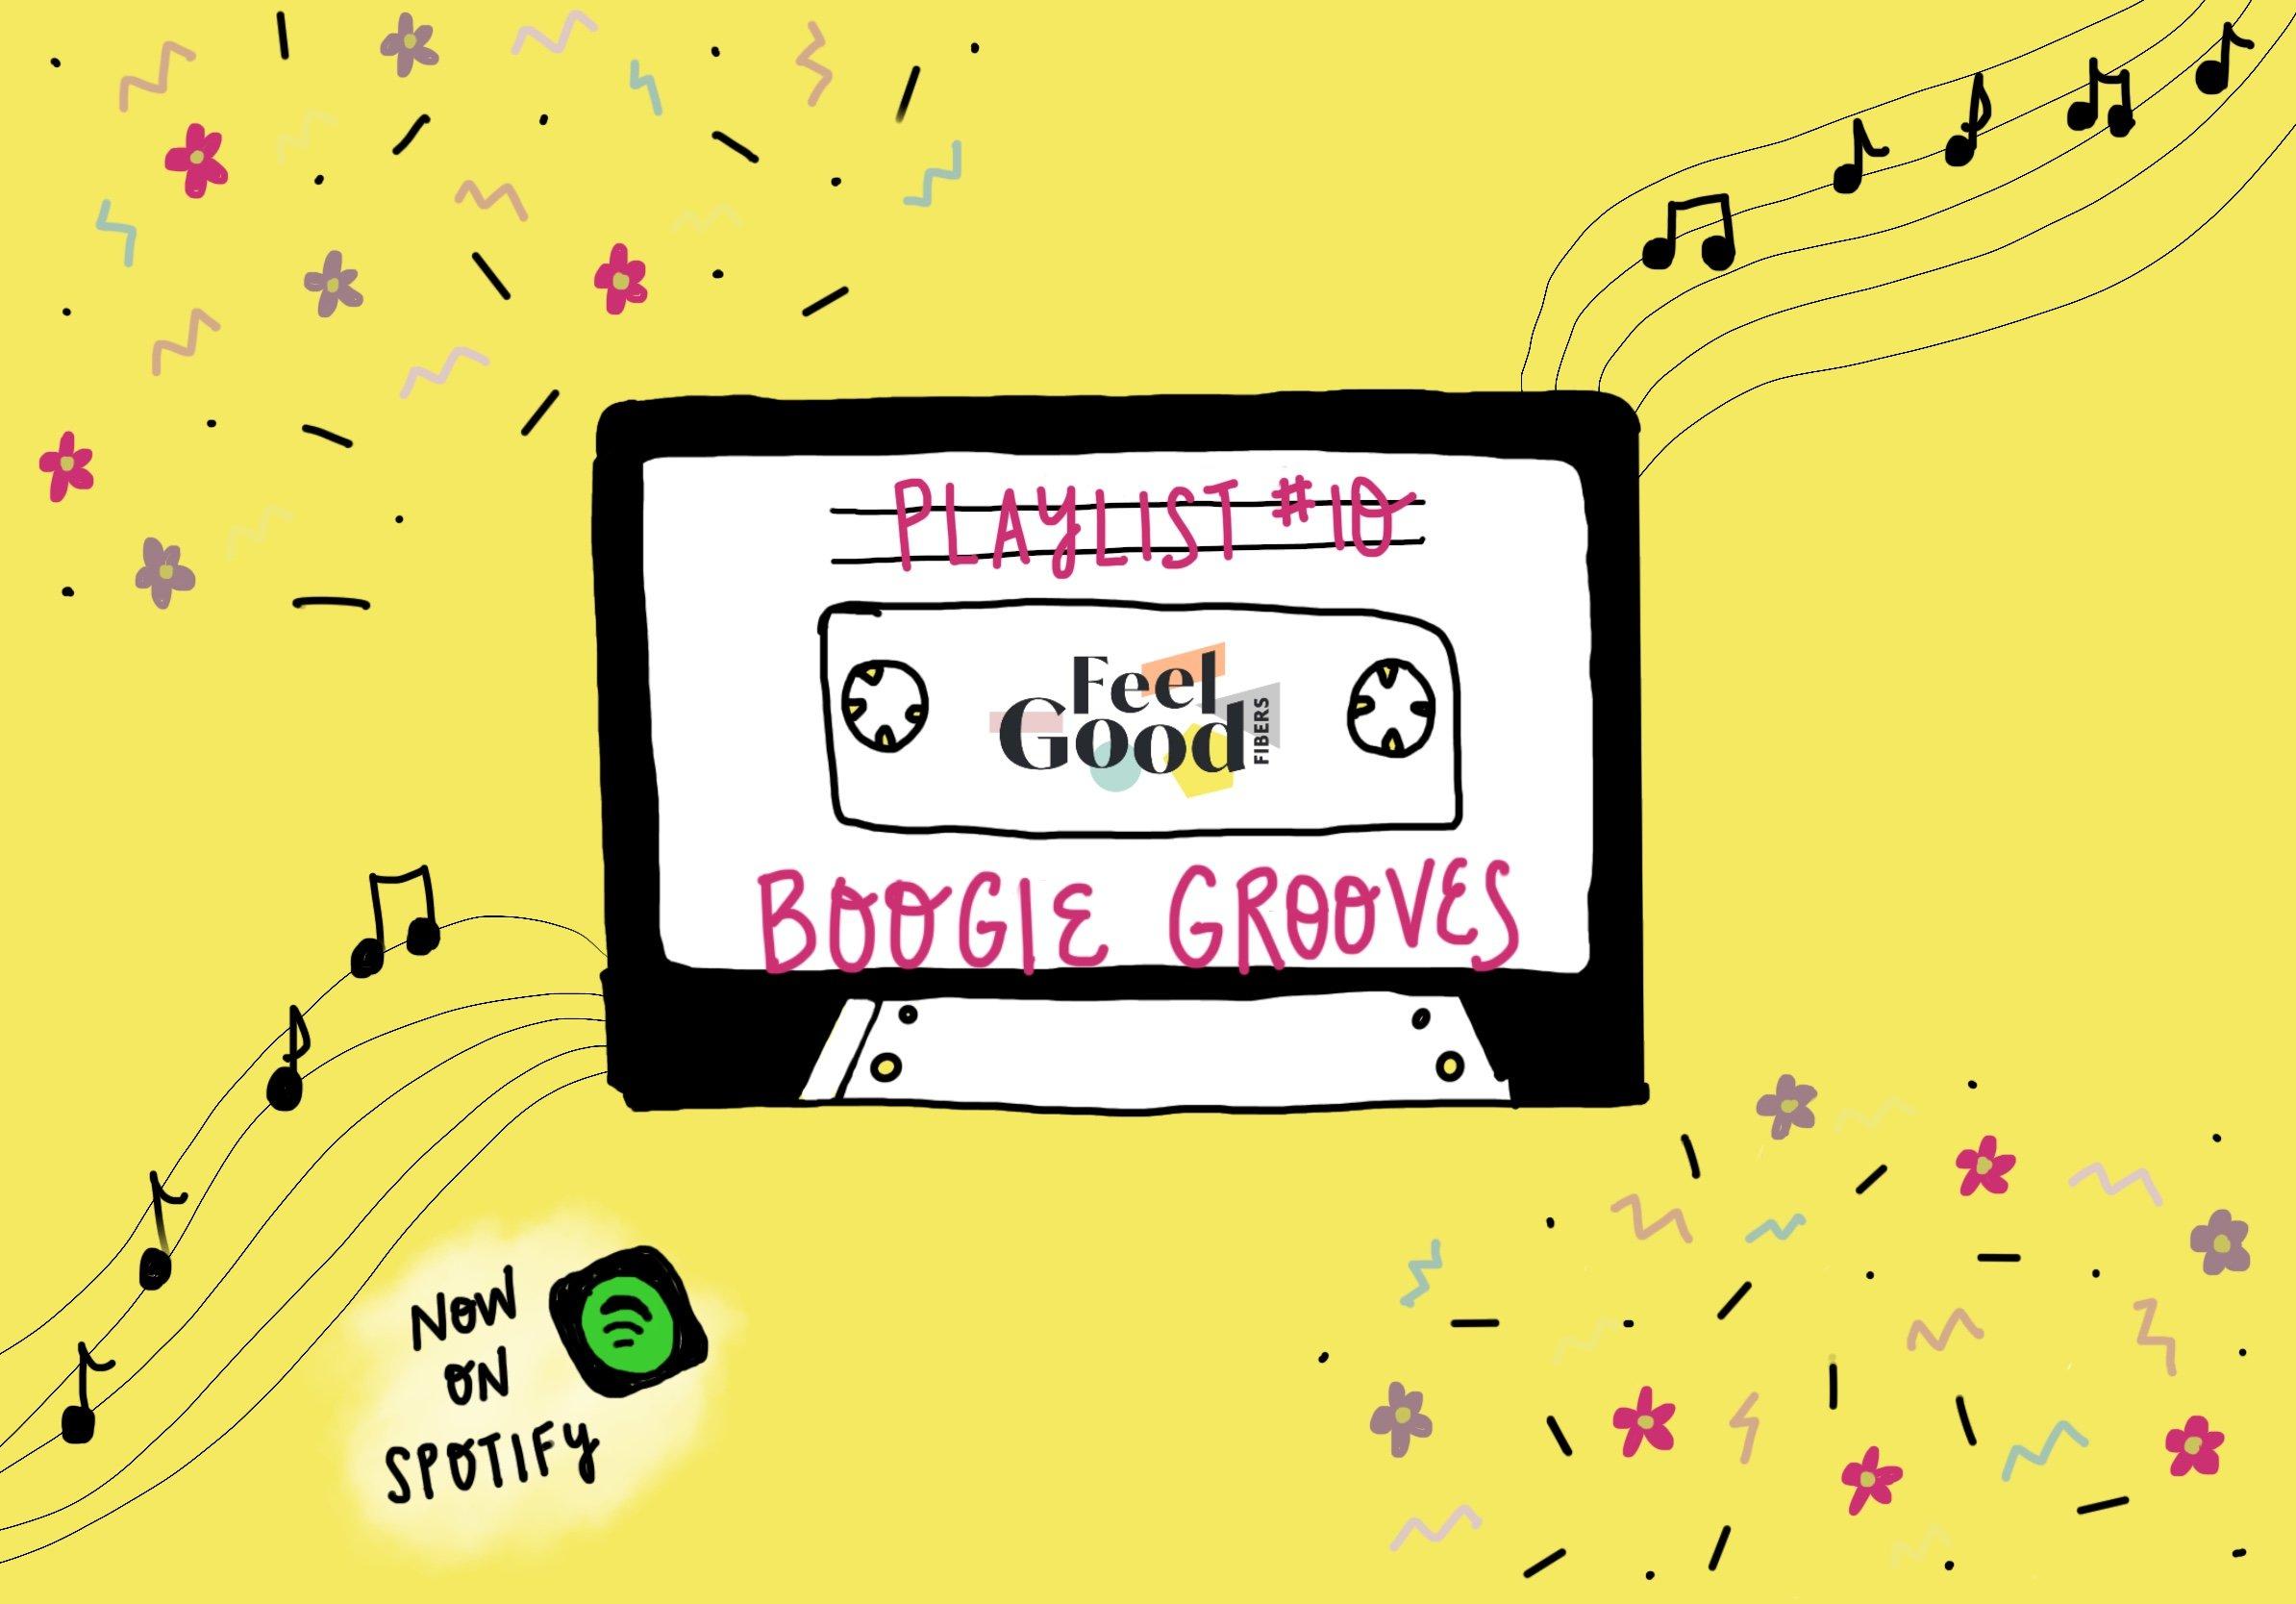 FGF Playlist 10 Boogie Grooves on FeelGood Fibers